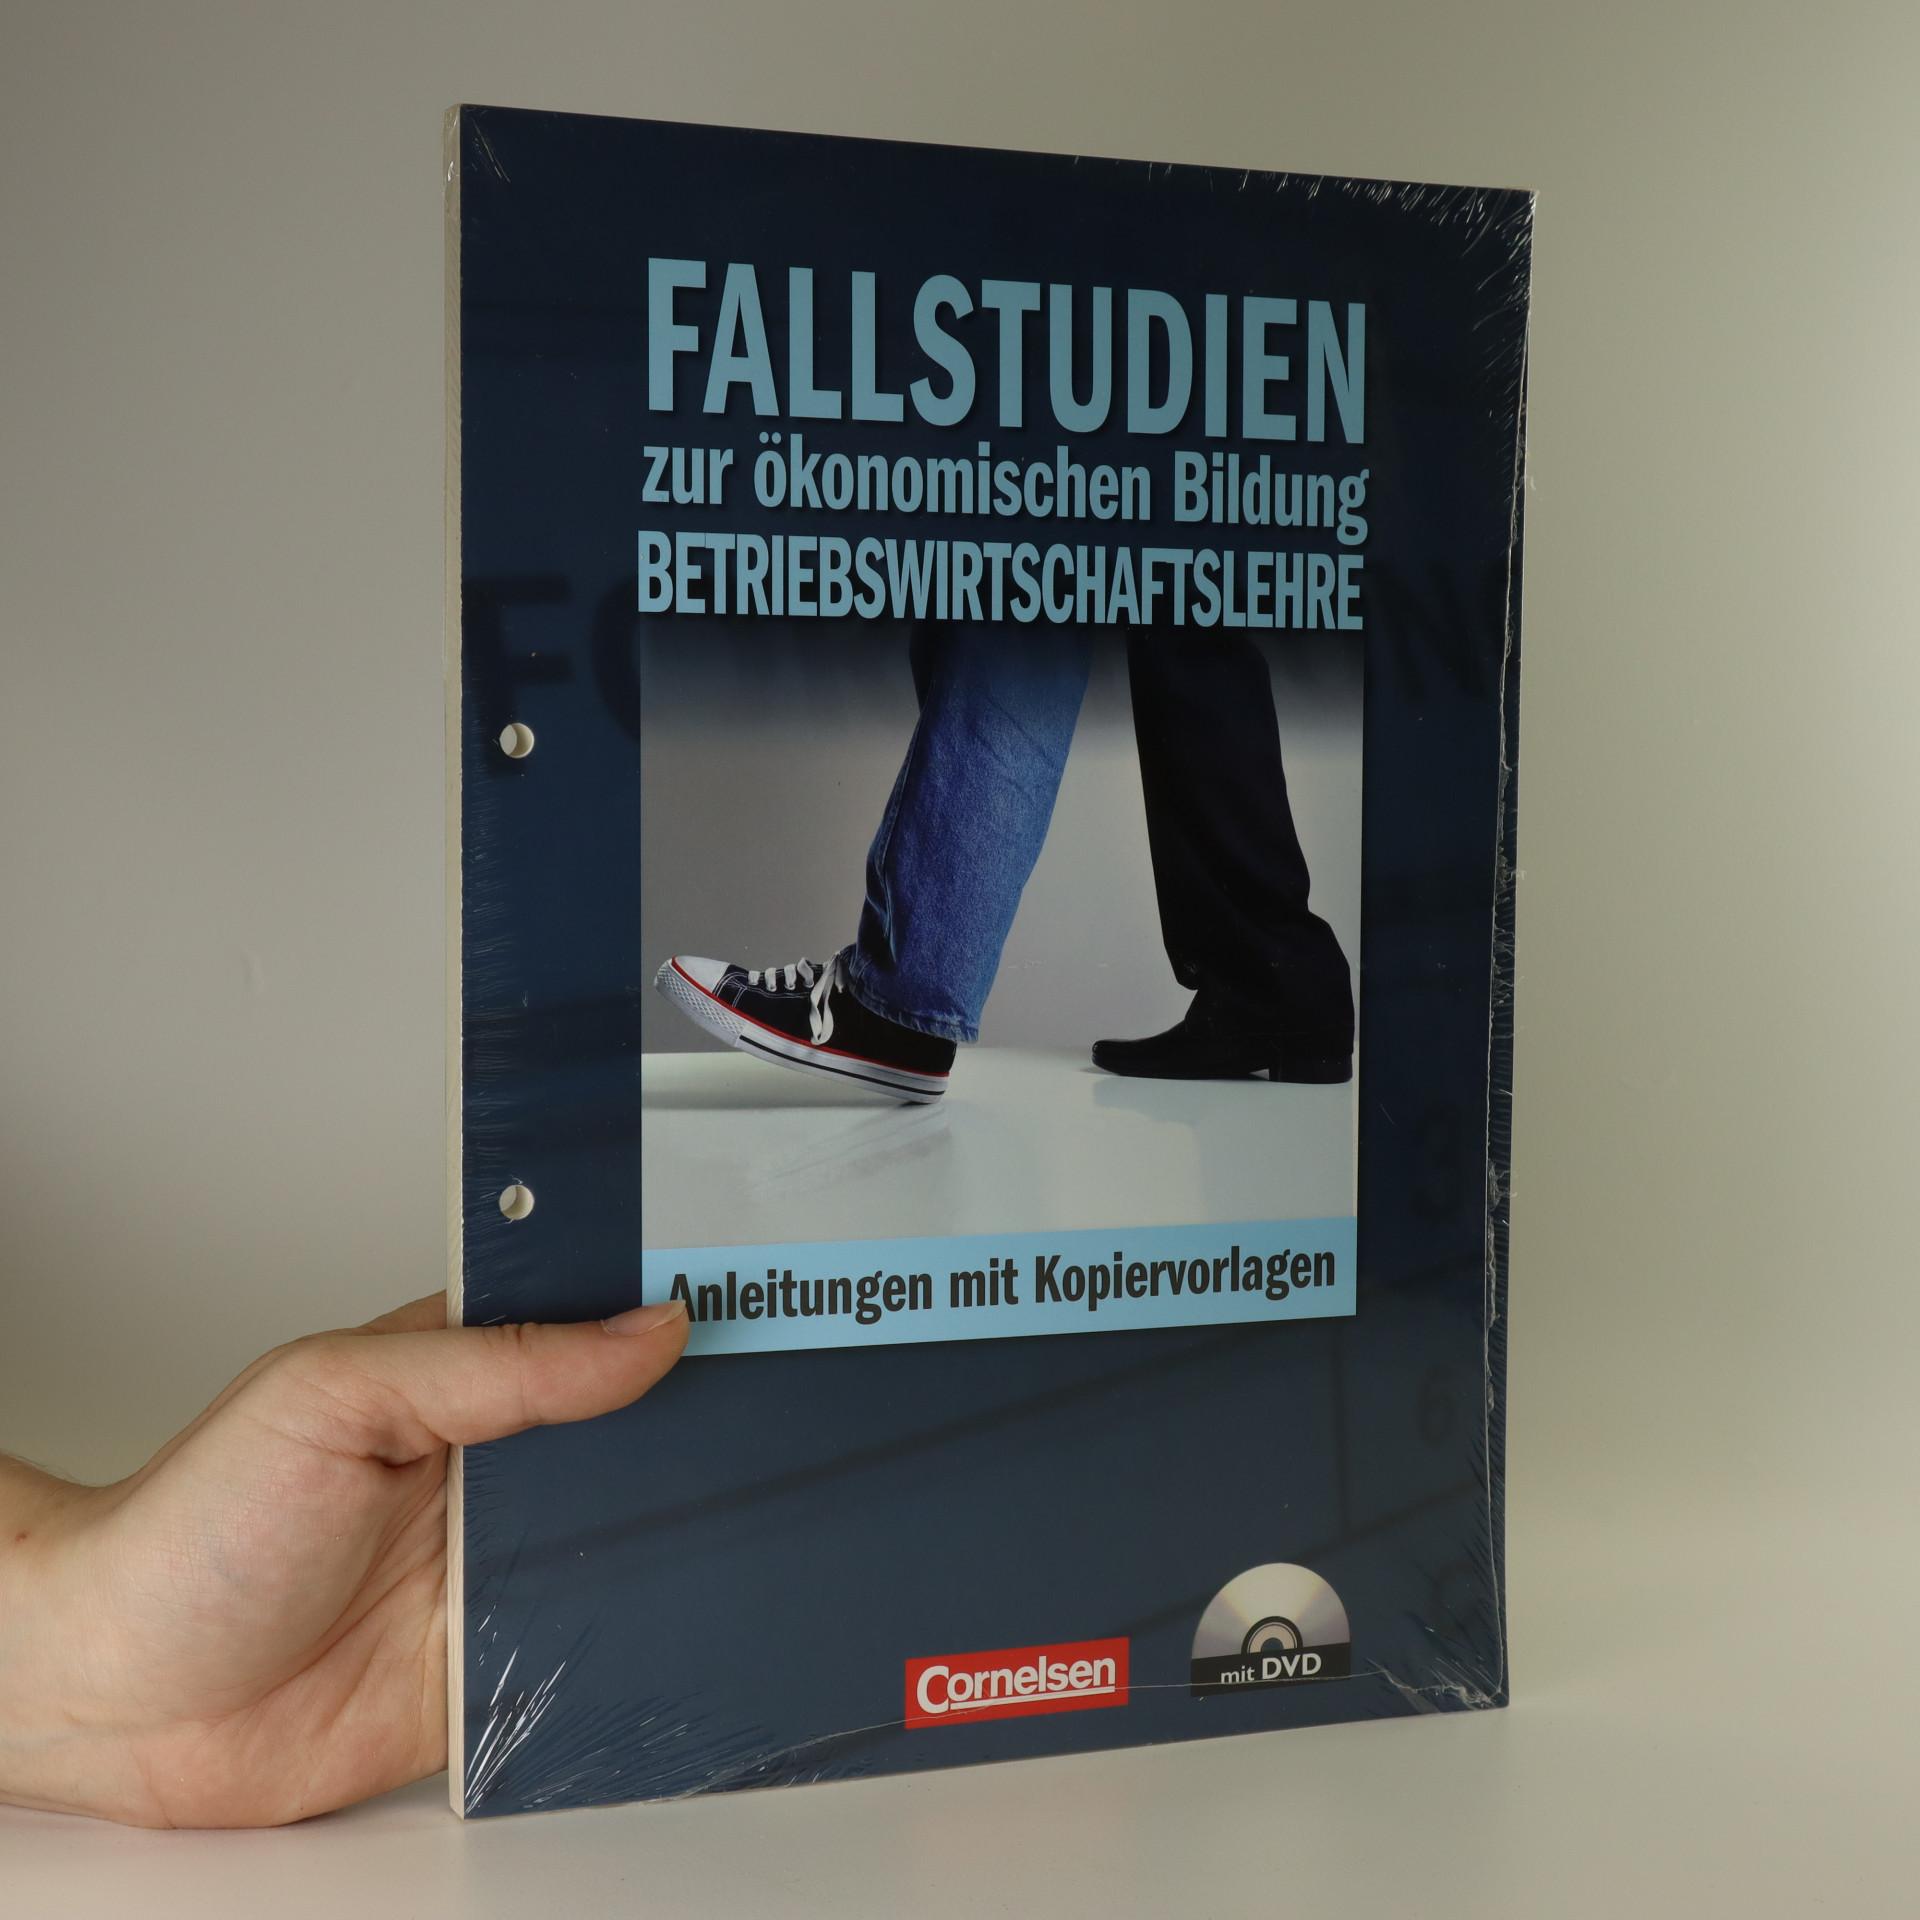 antikvární kniha Fallstudien zur ökonomischen Bildung - Betriebswirtschaftslehre (vč. CD), neuveden